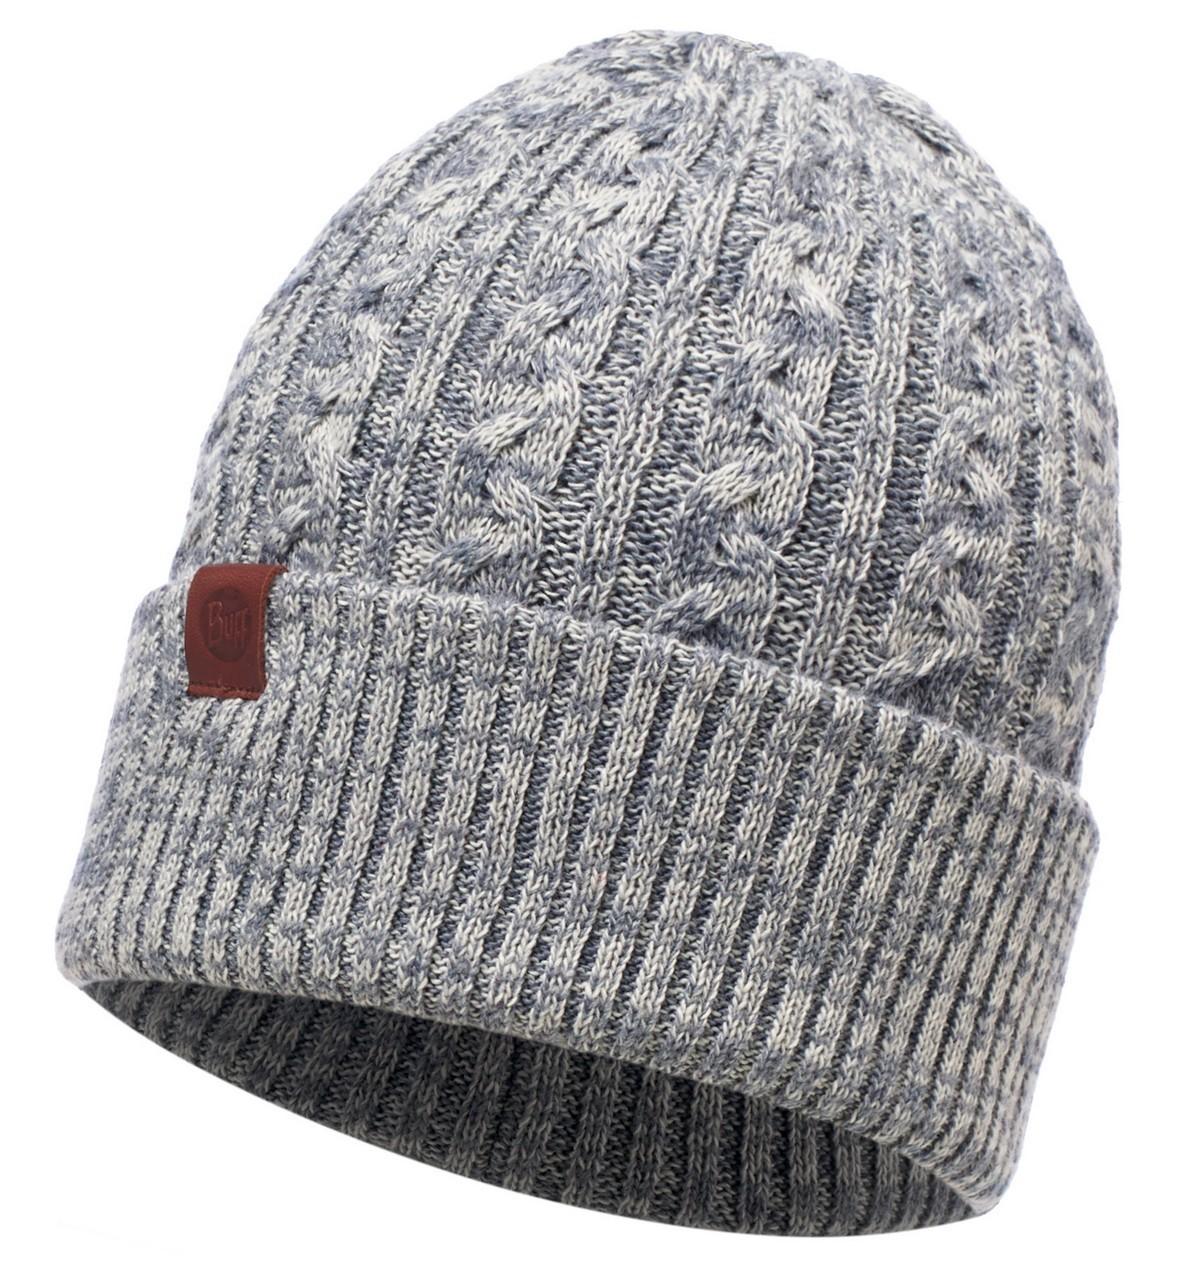 Шапки с отворотом Вязаная шапка Buff Braidy Grey 116034.937.10.00.jpg